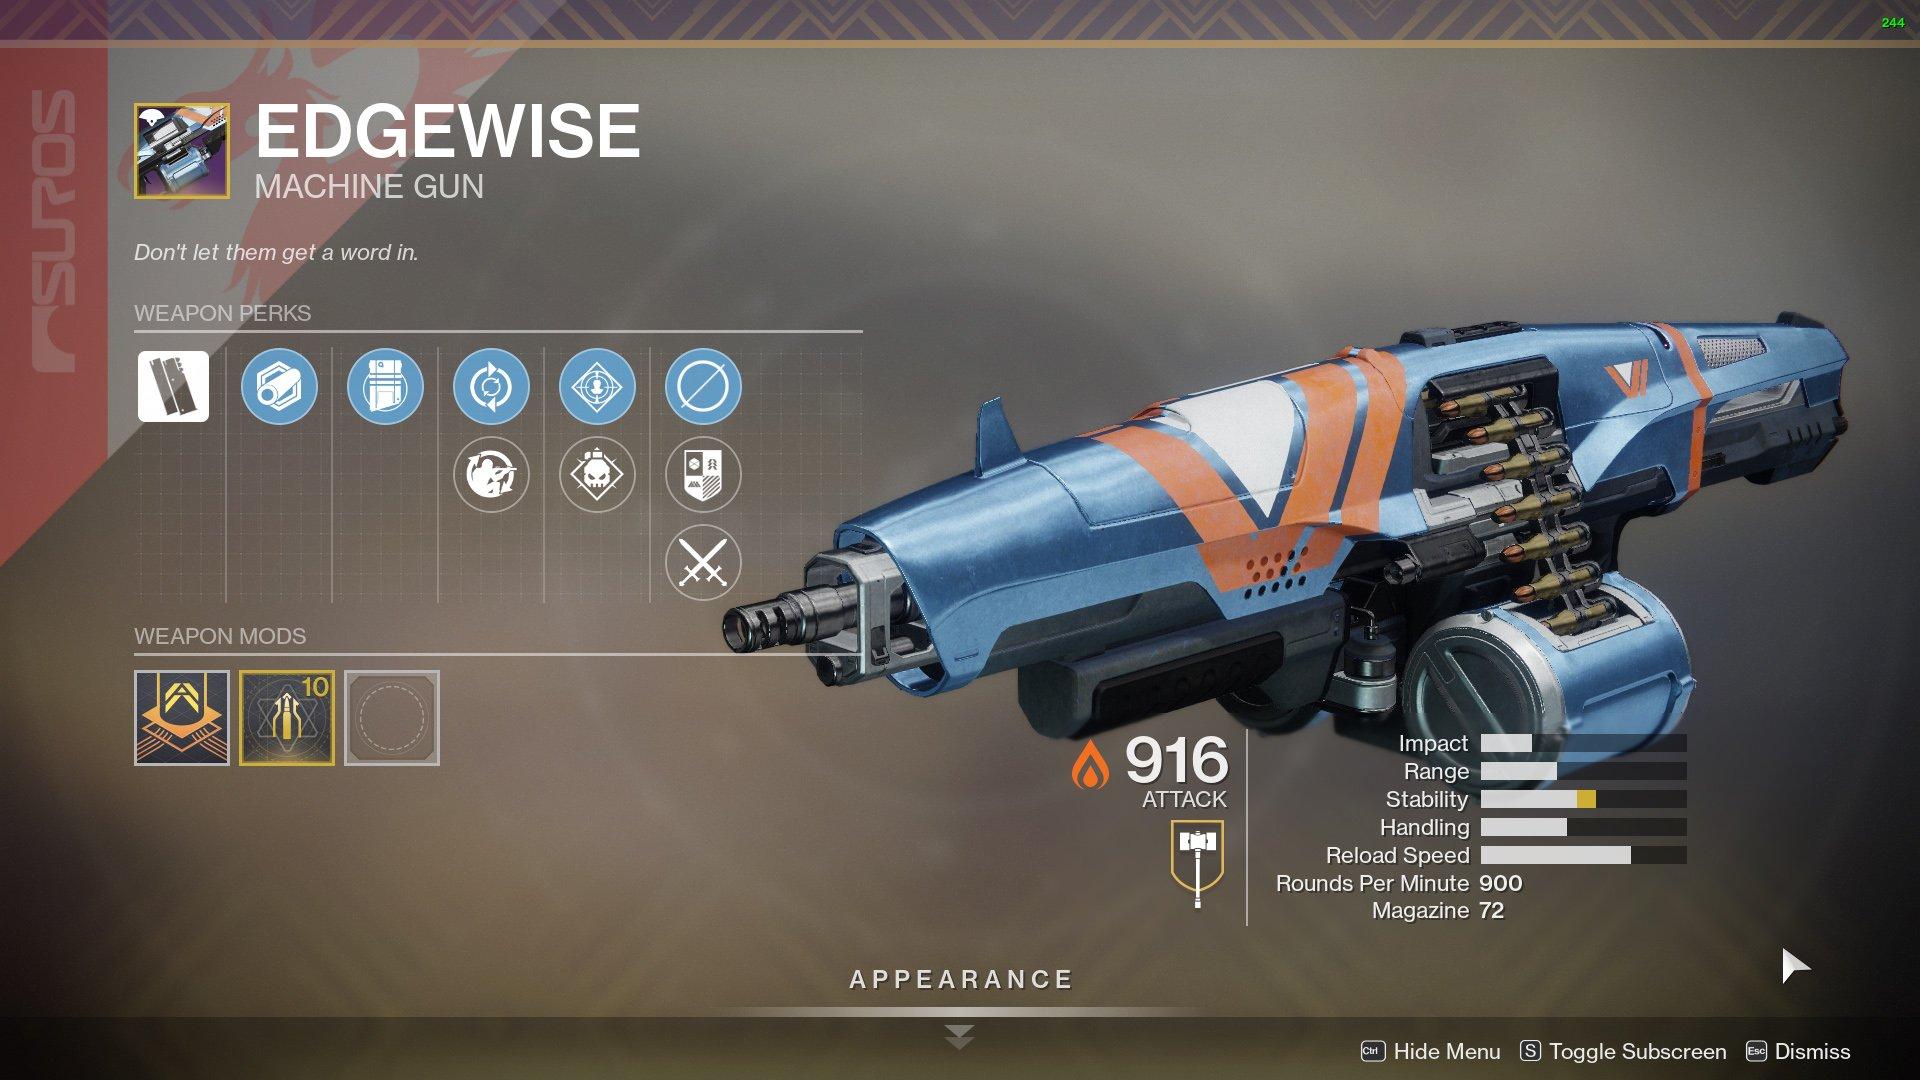 Destiny 2 Edgewise